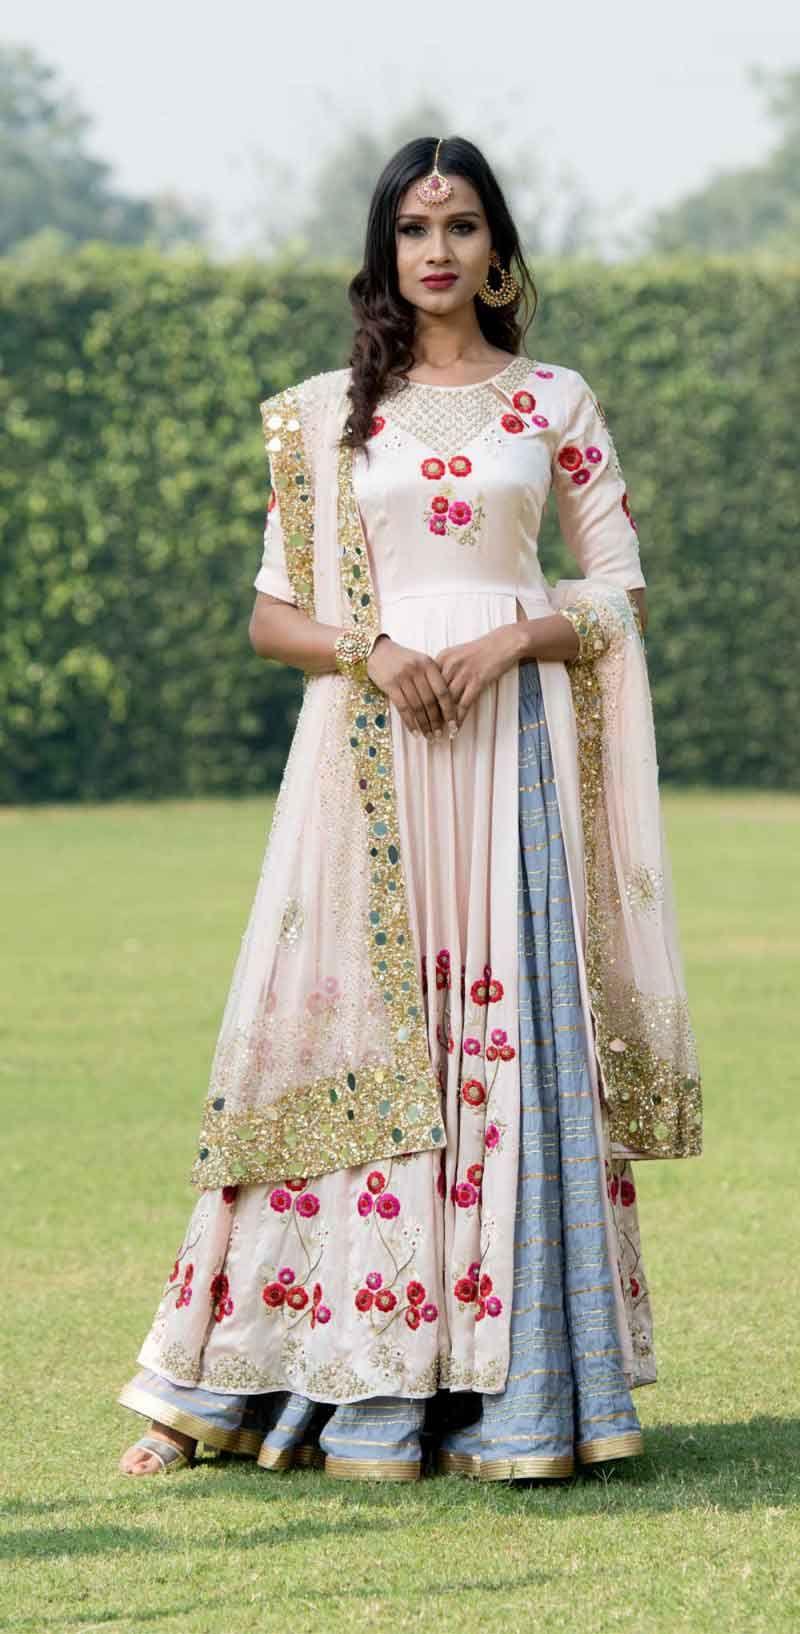 Best Fashion Designer In Delhi Buy Wedding Lehenga Saree Best Fashion Designers Saree Designs Fashion